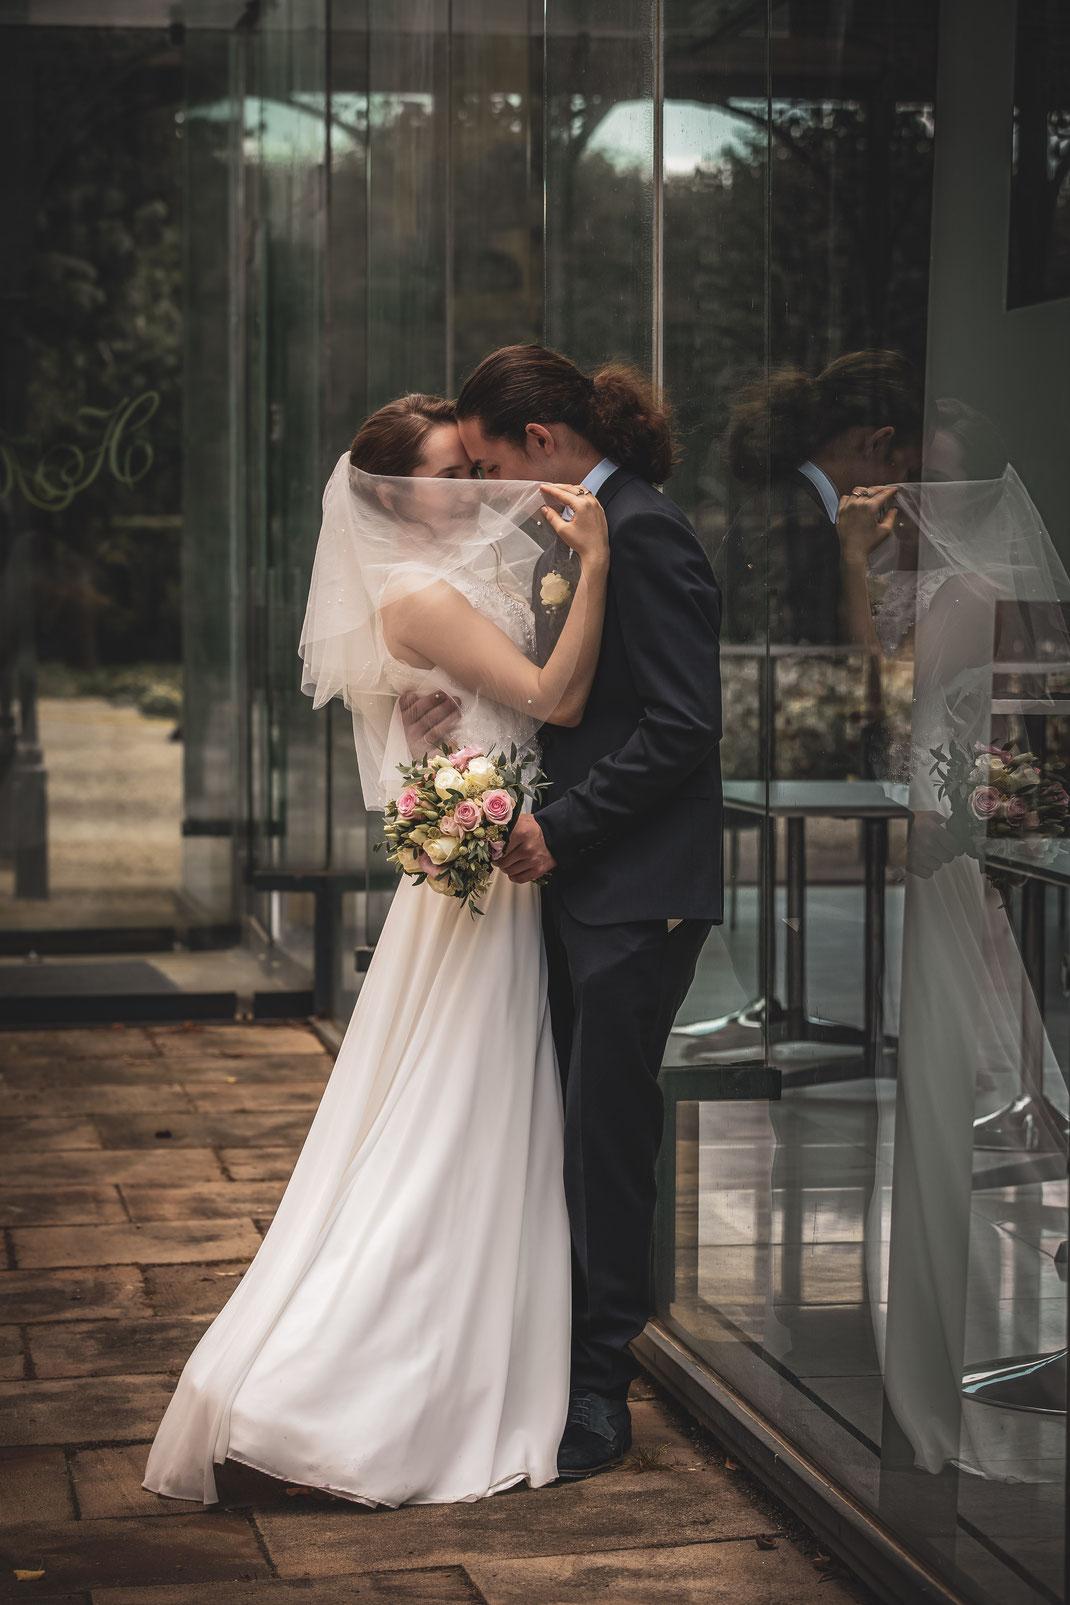 Brautpaar versteckt sich hinter dem Schleier